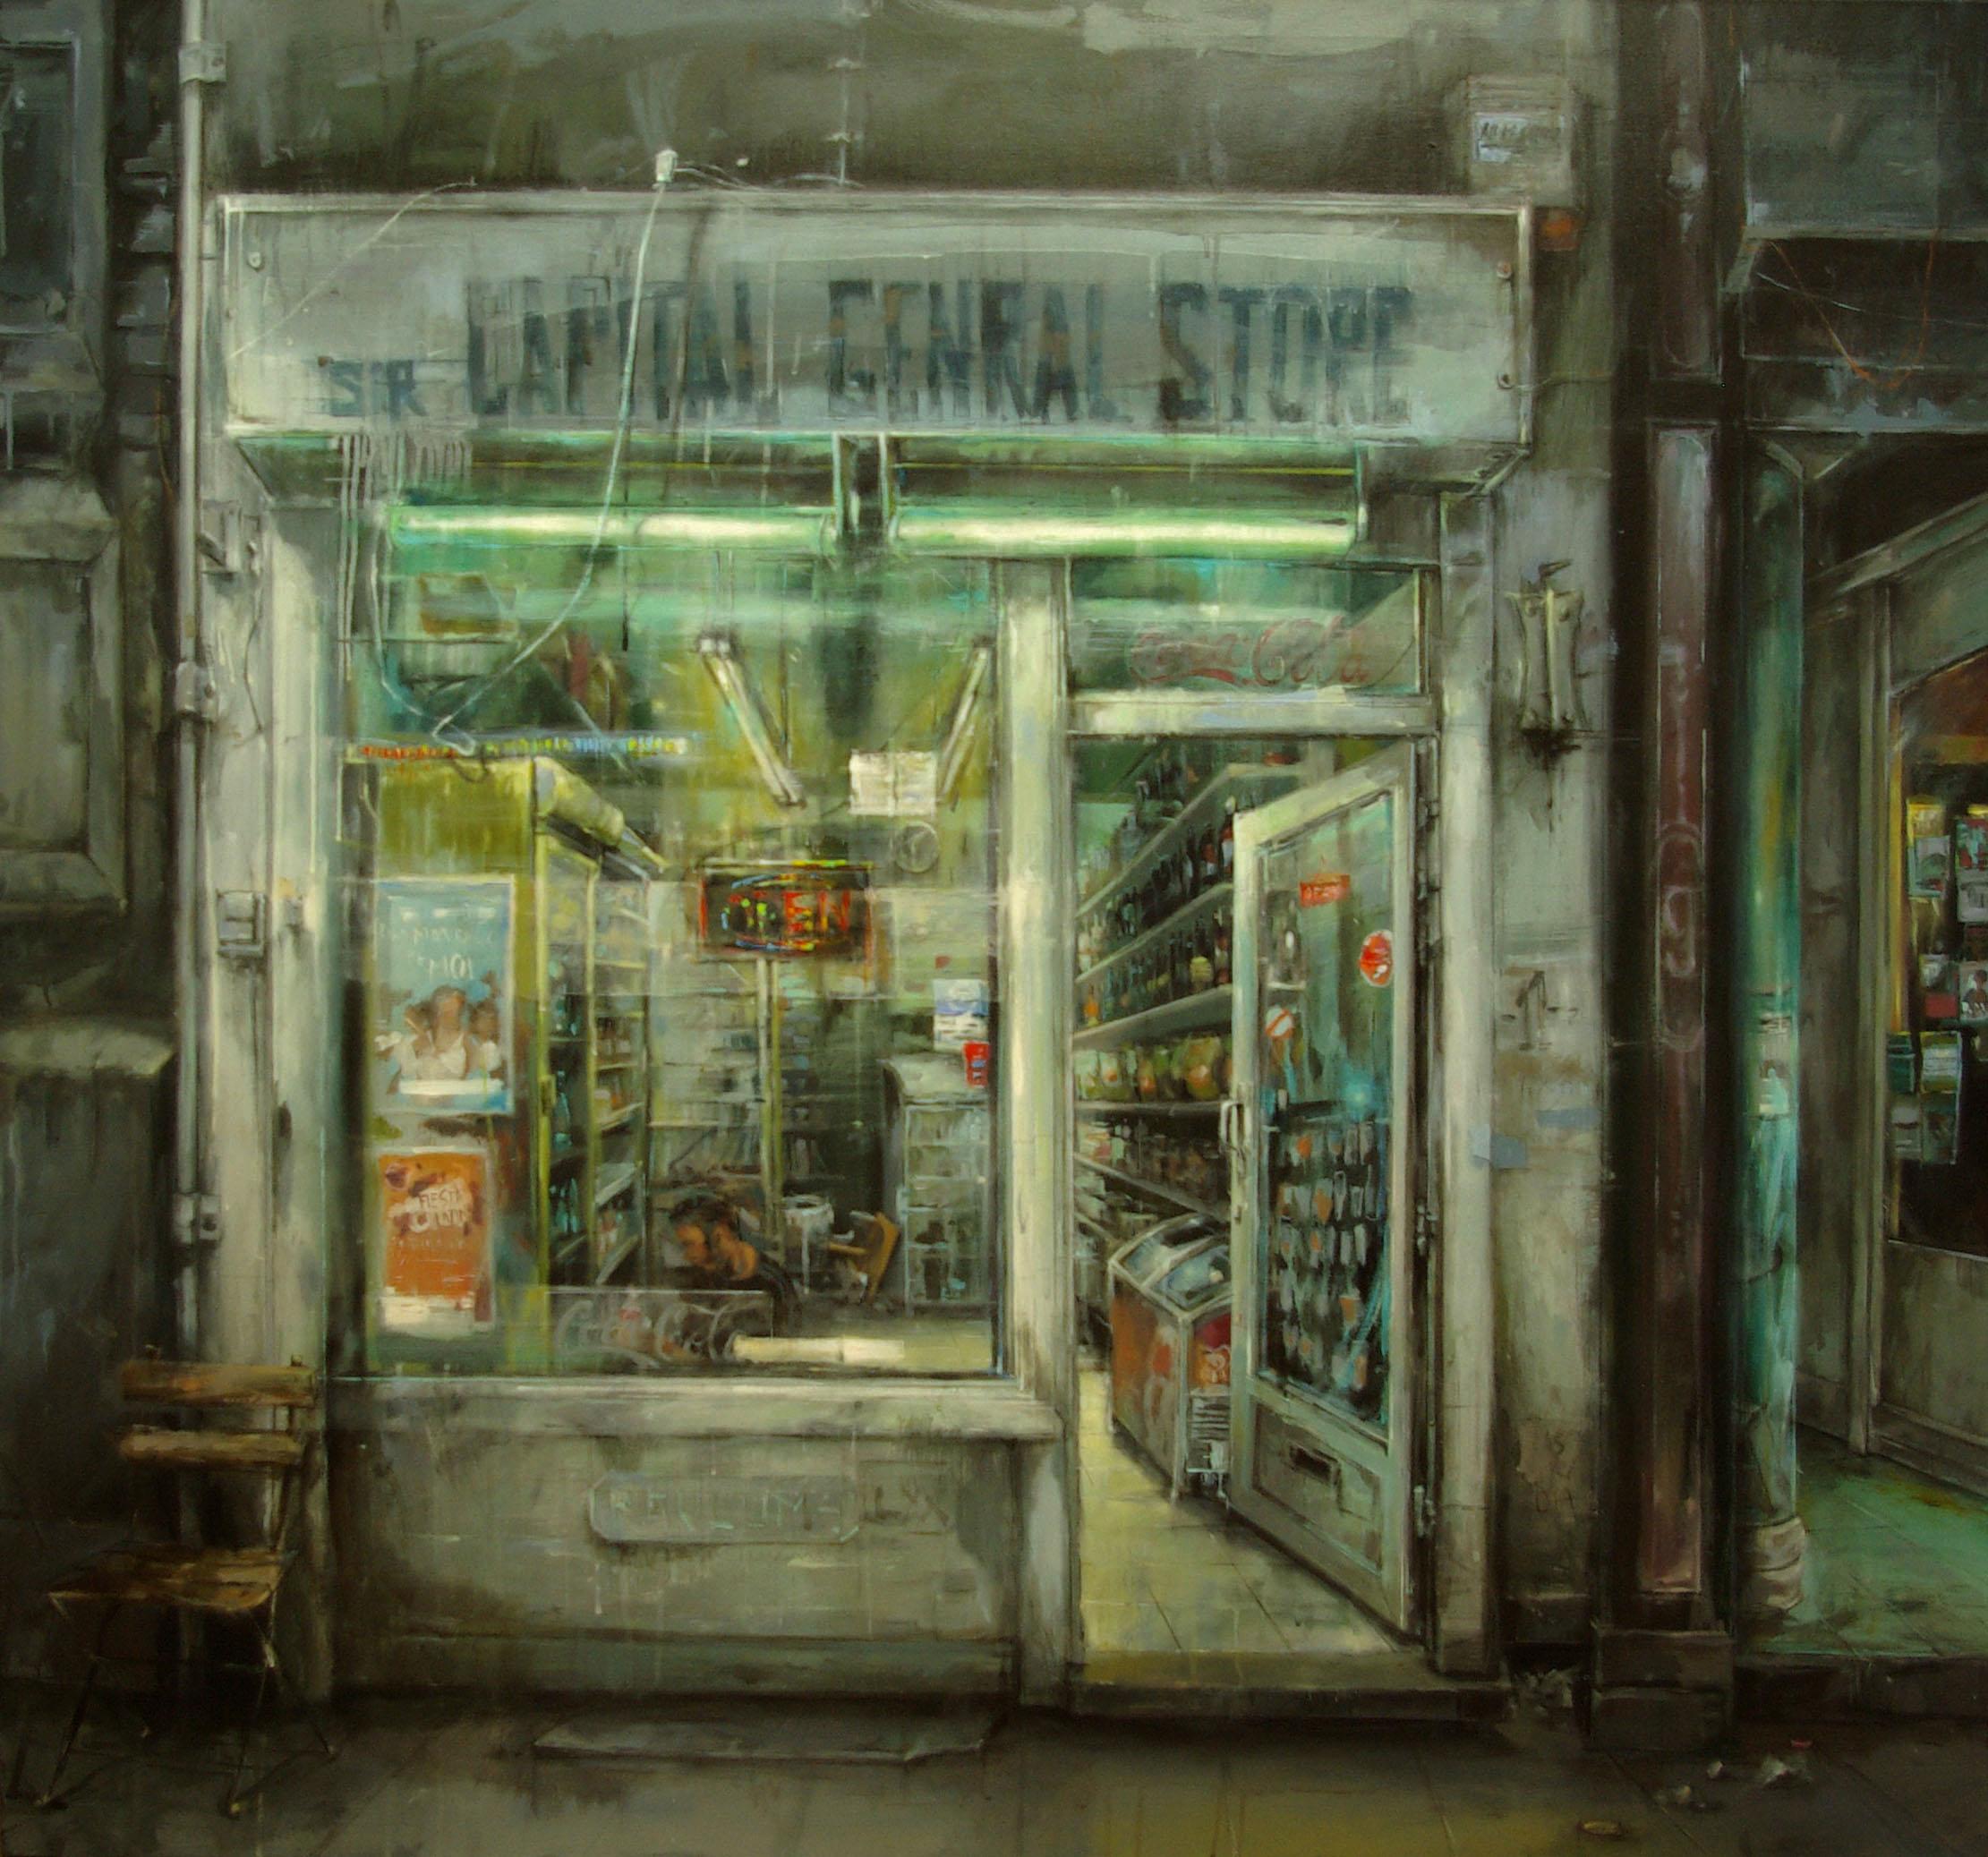 Leticia Gaspar. Sir Capital Genral Store. Técnica mixta, 150 x 140 cm